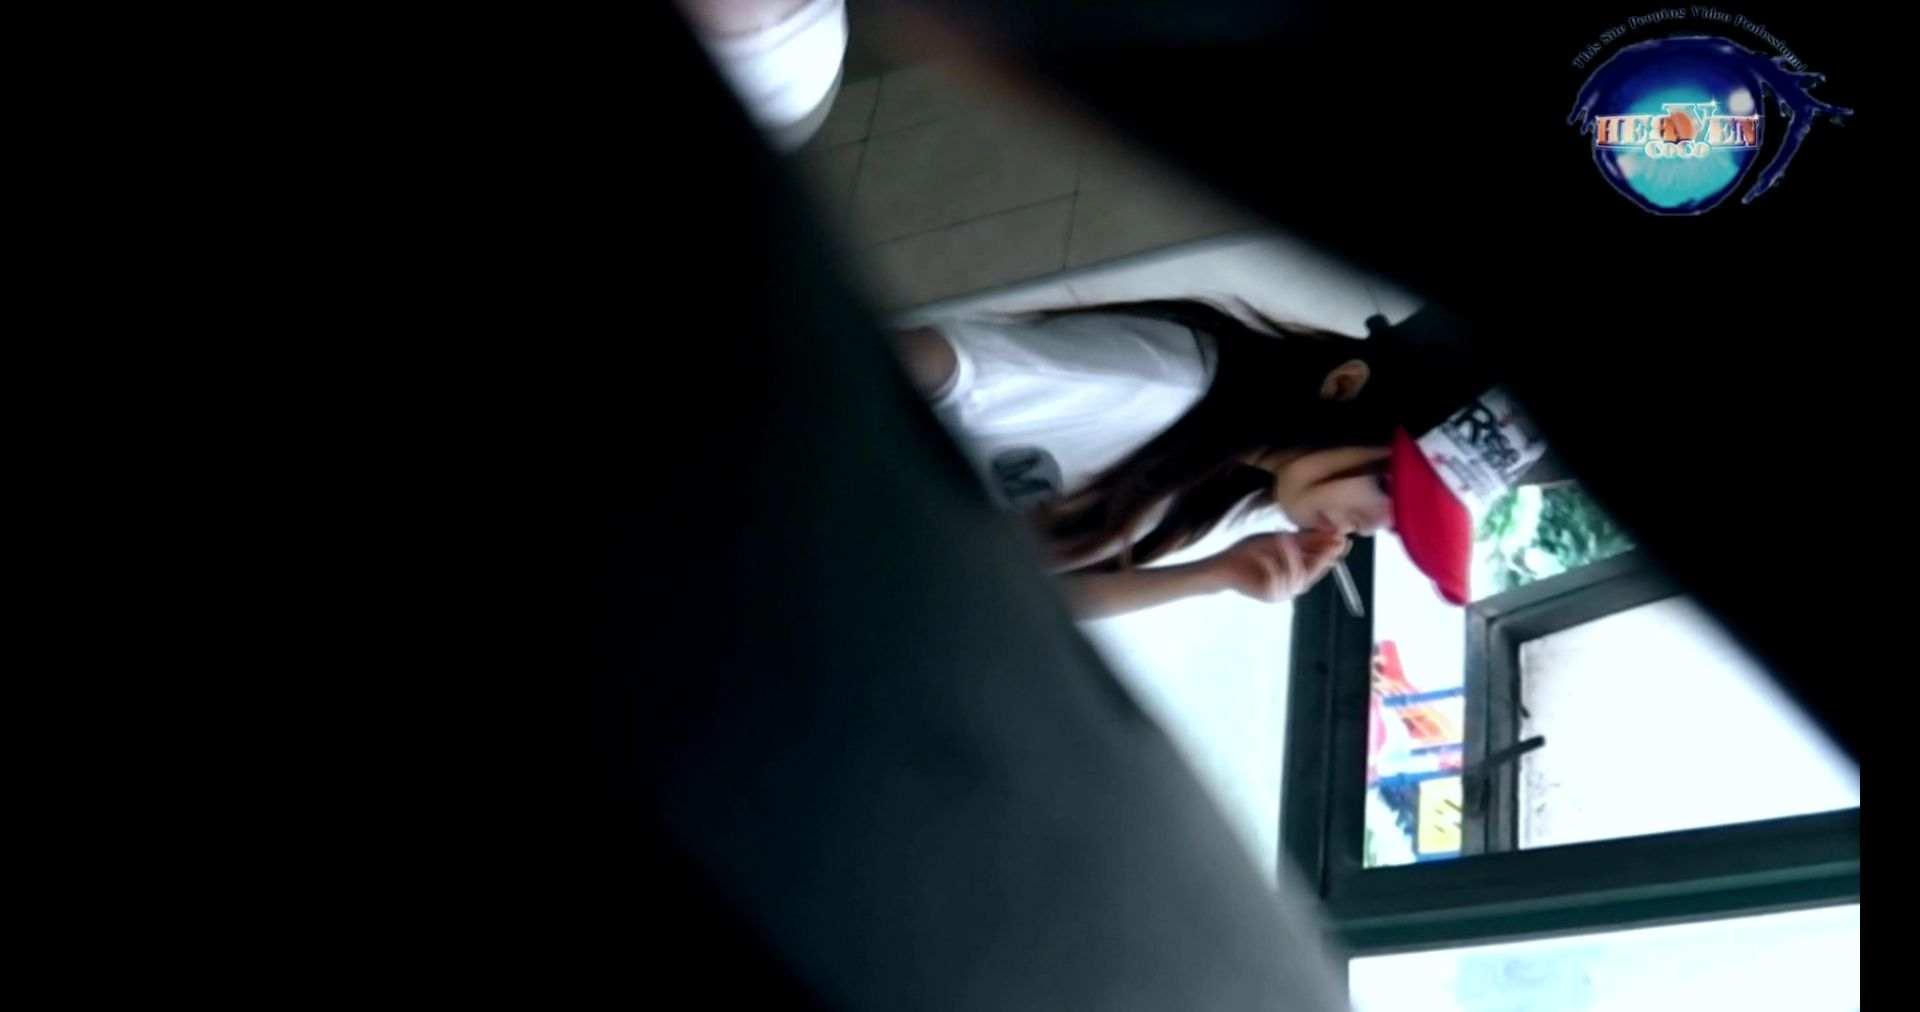 世界の射窓から~ステーション編~vol.36 無料動画に登場したトップクラスモデル本番へ モデルヌード   本番  94pic 5